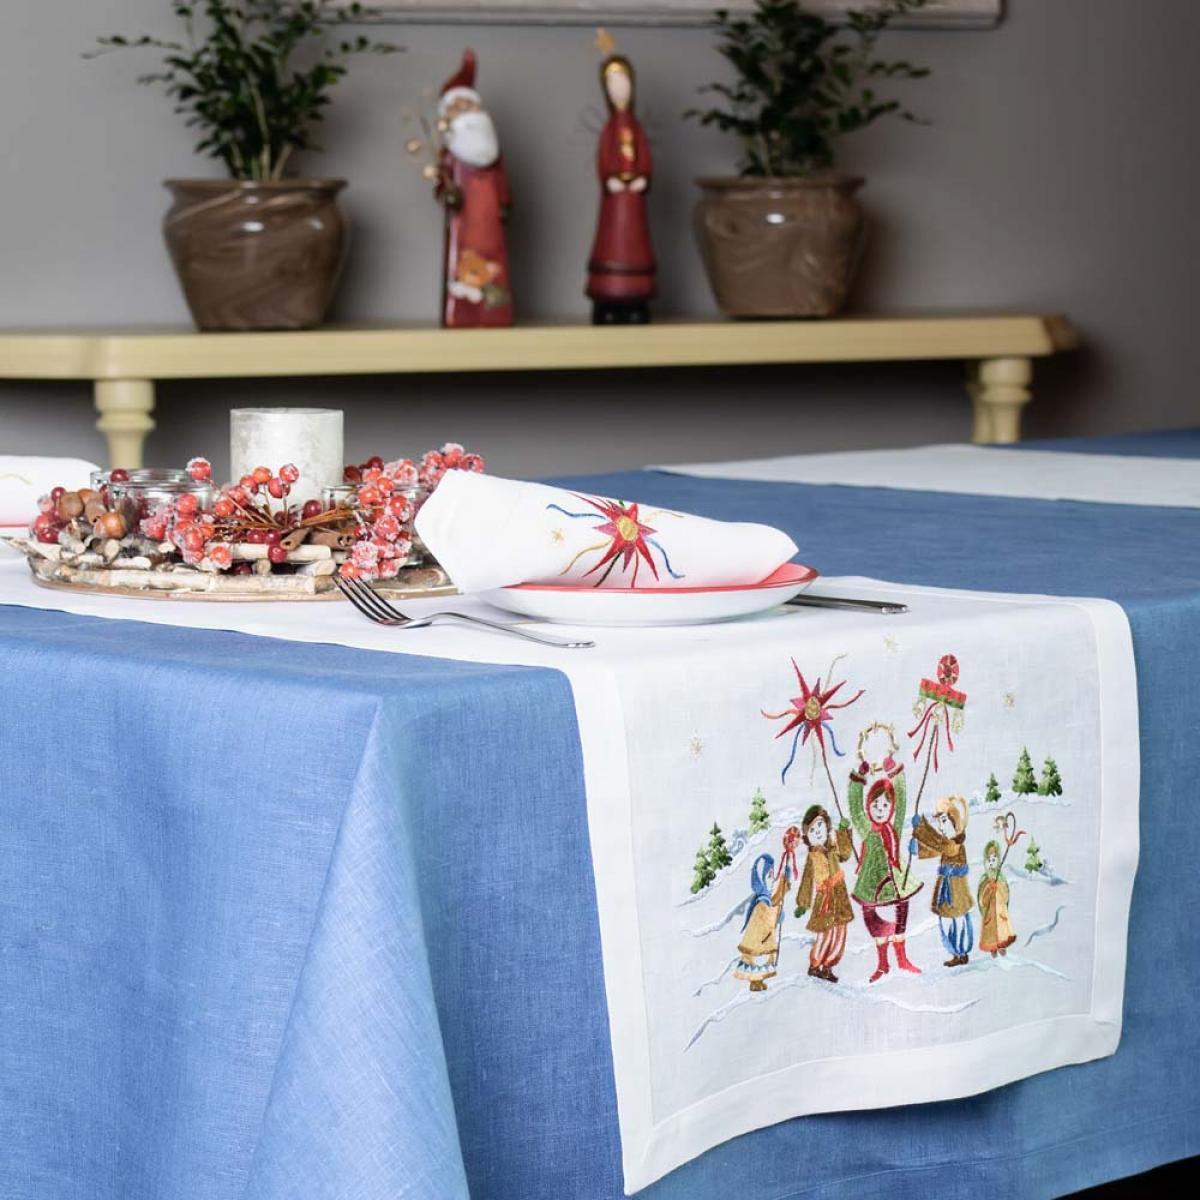 Linen runner on the table Christmas 140 * 45